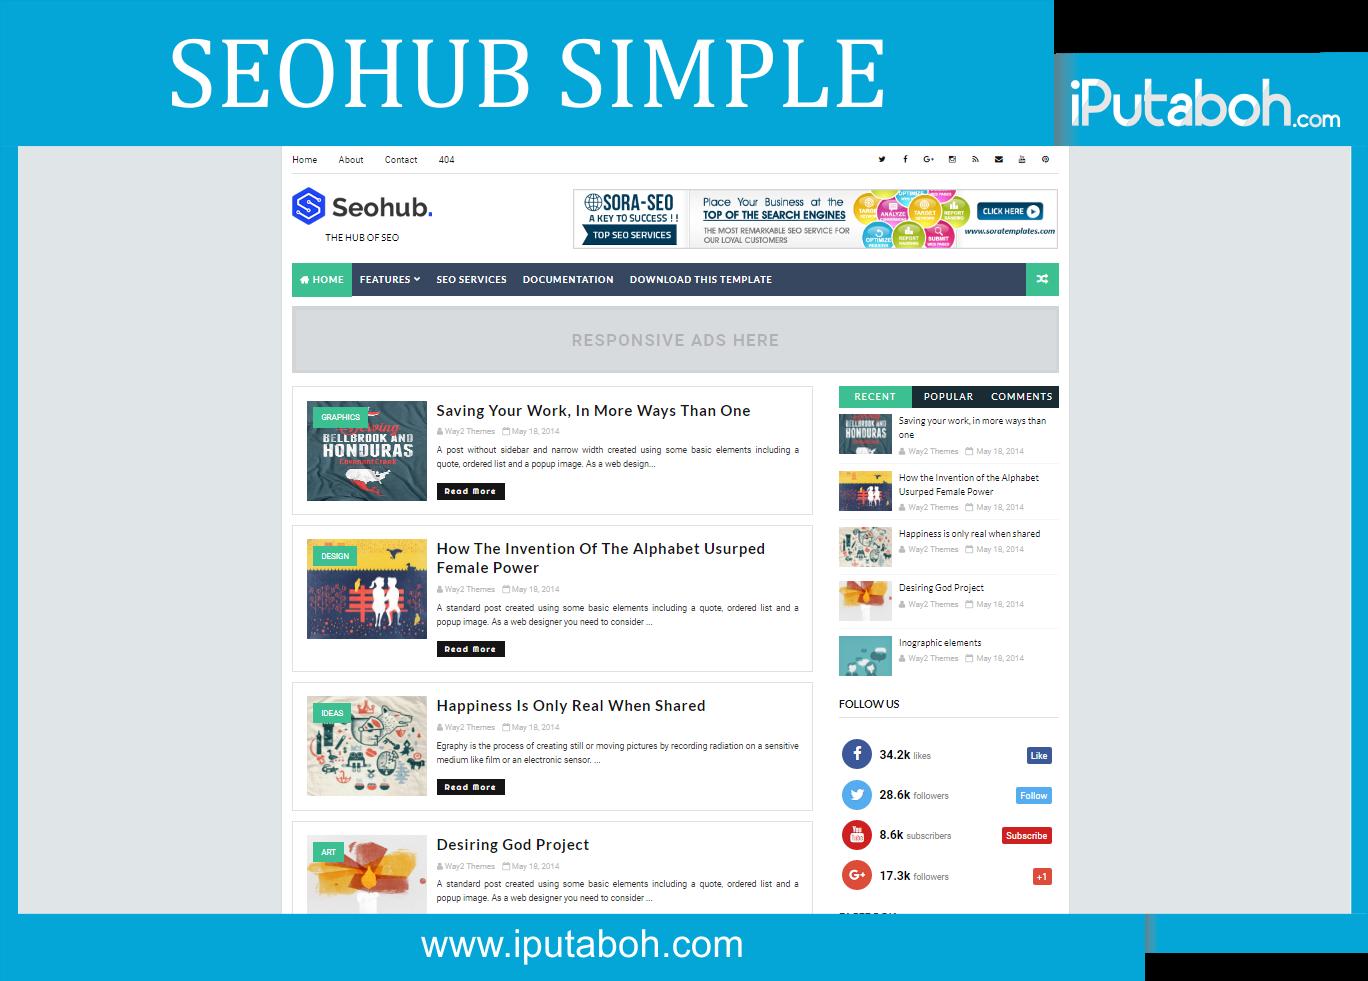 Seohub simple blogger templates iputaboh blogger templates seohub simple blogger templates pronofoot35fo Images